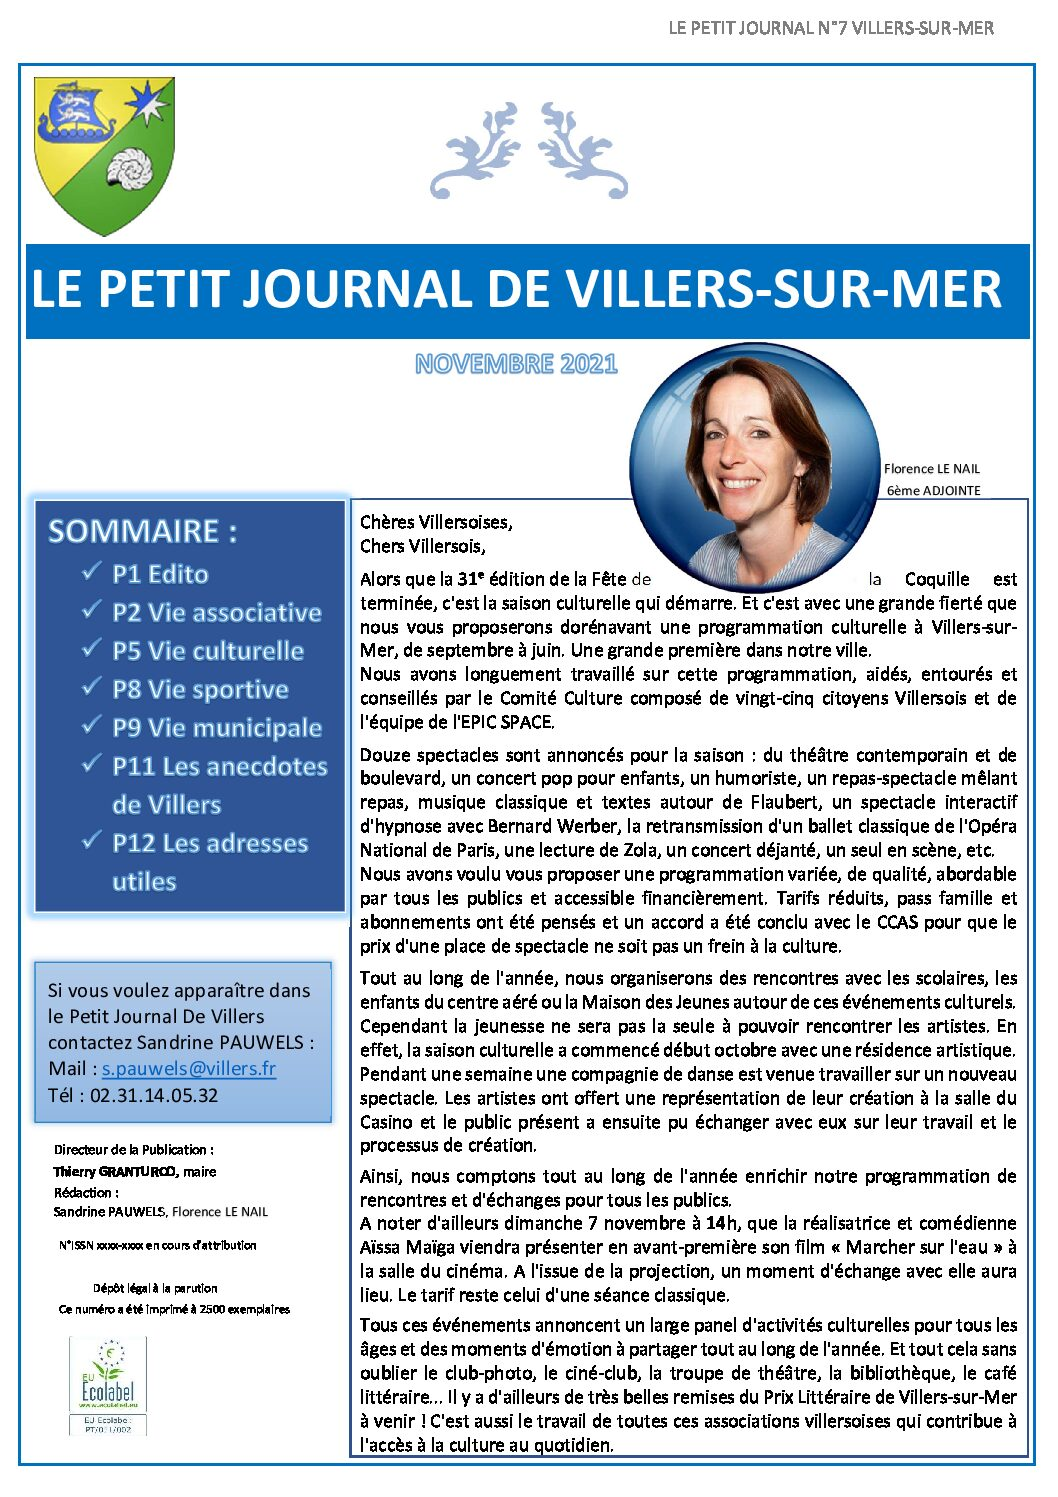 Le Petit Journal de Villers n°7 du Mois de Novembre